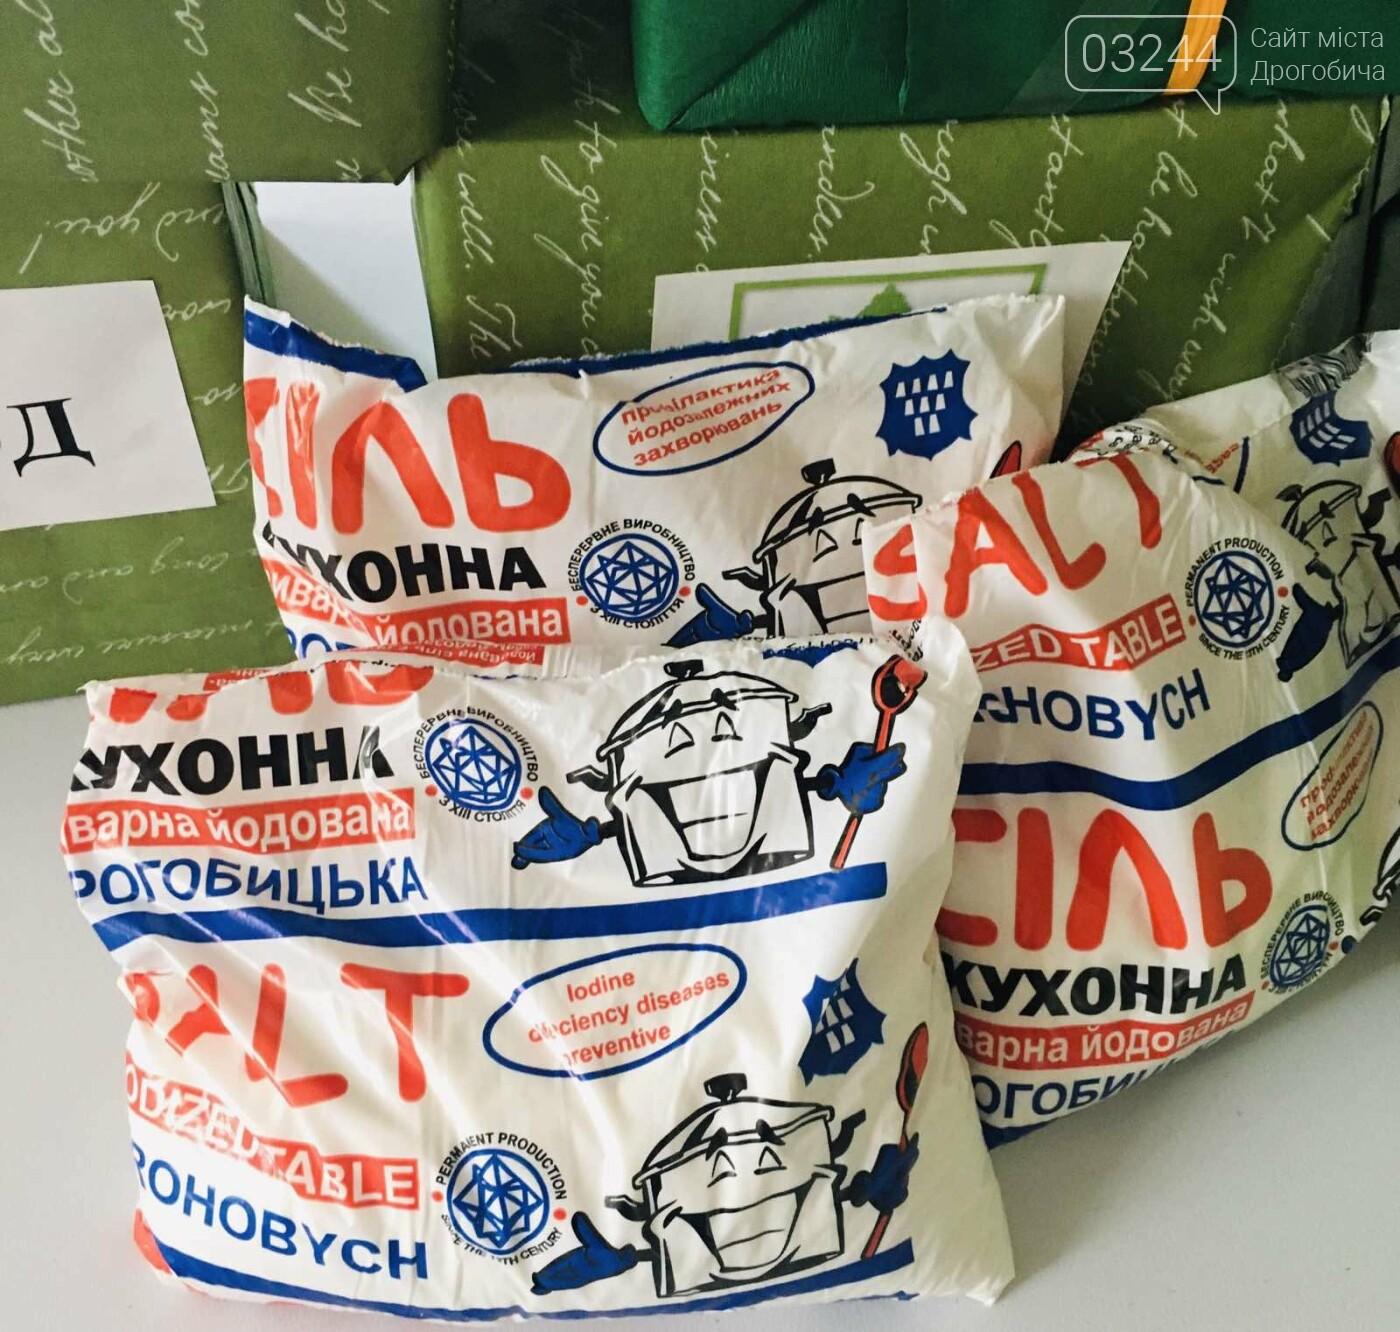 Дрогобицька сіль поїде по Україні: Фонд родини Веселого підтримує місцевих виробників, фото-2